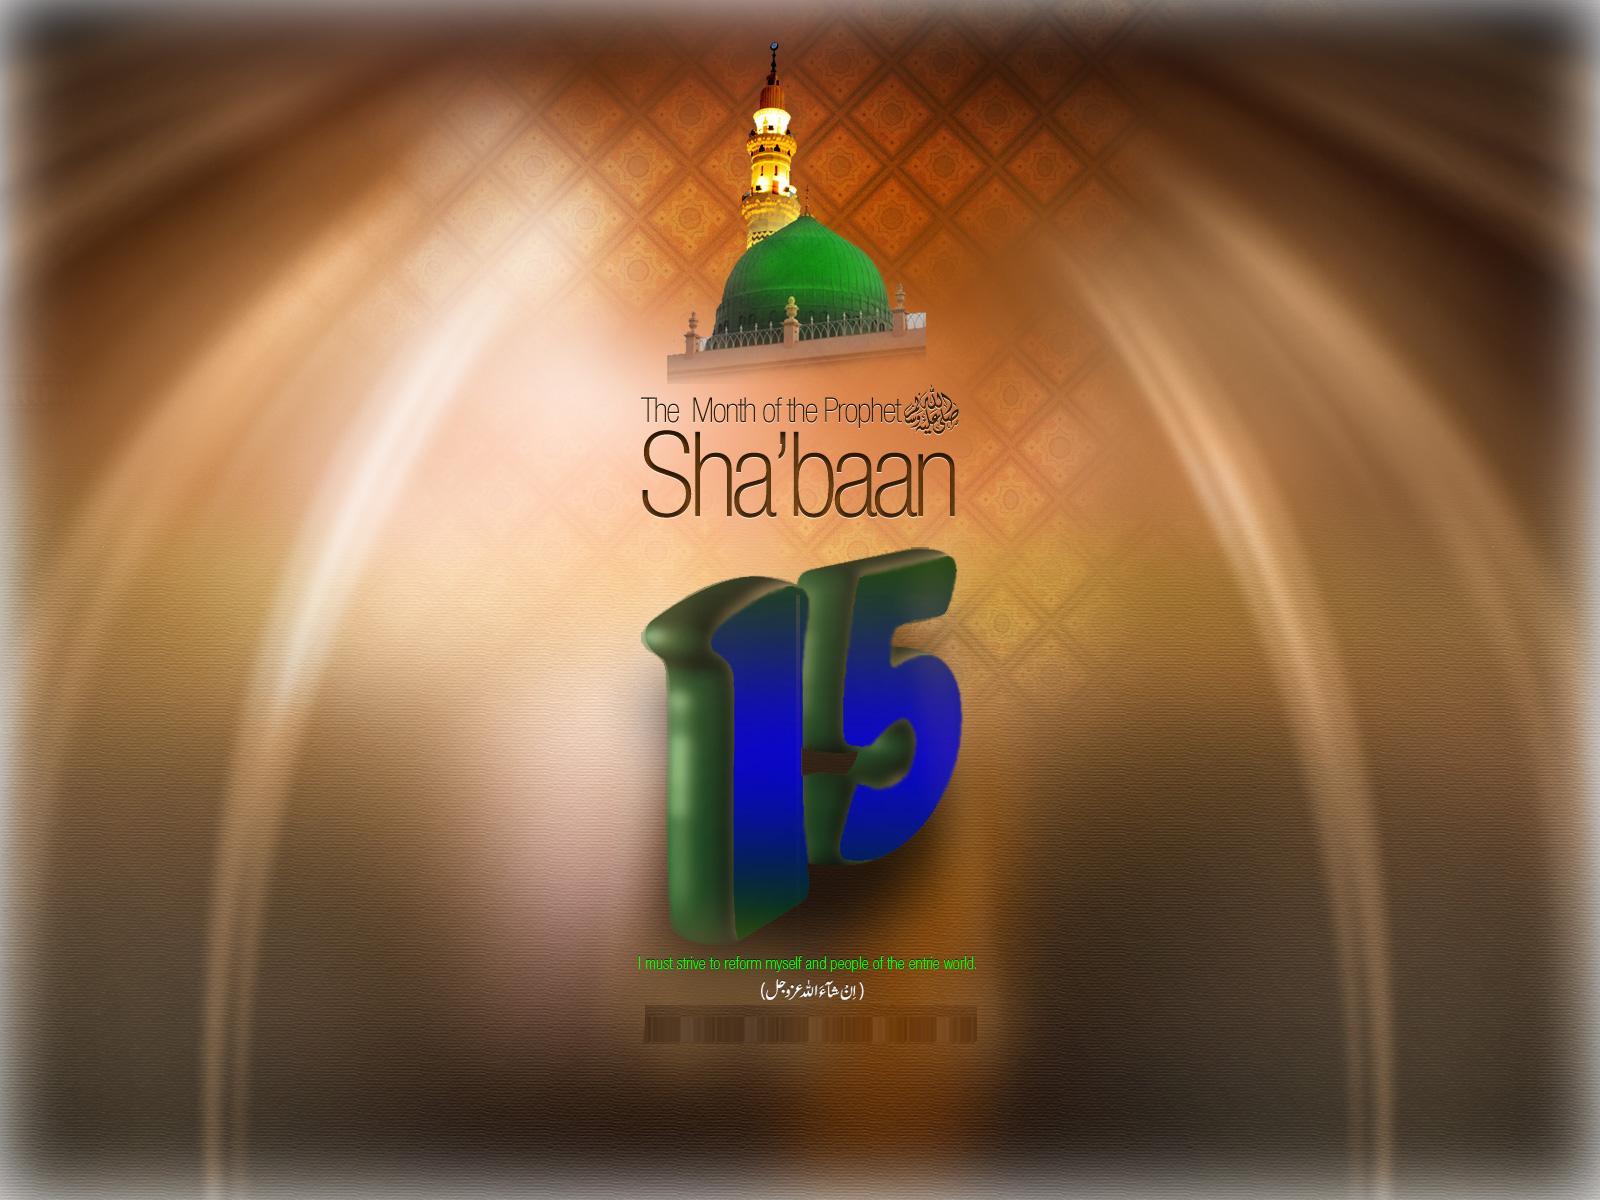 http://1.bp.blogspot.com/-fHF-yIlpUq0/ThxIXTqpBAI/AAAAAAAAE8A/NB6uyNCzMRI/s1600/15_shaban_wallpapers.jpg